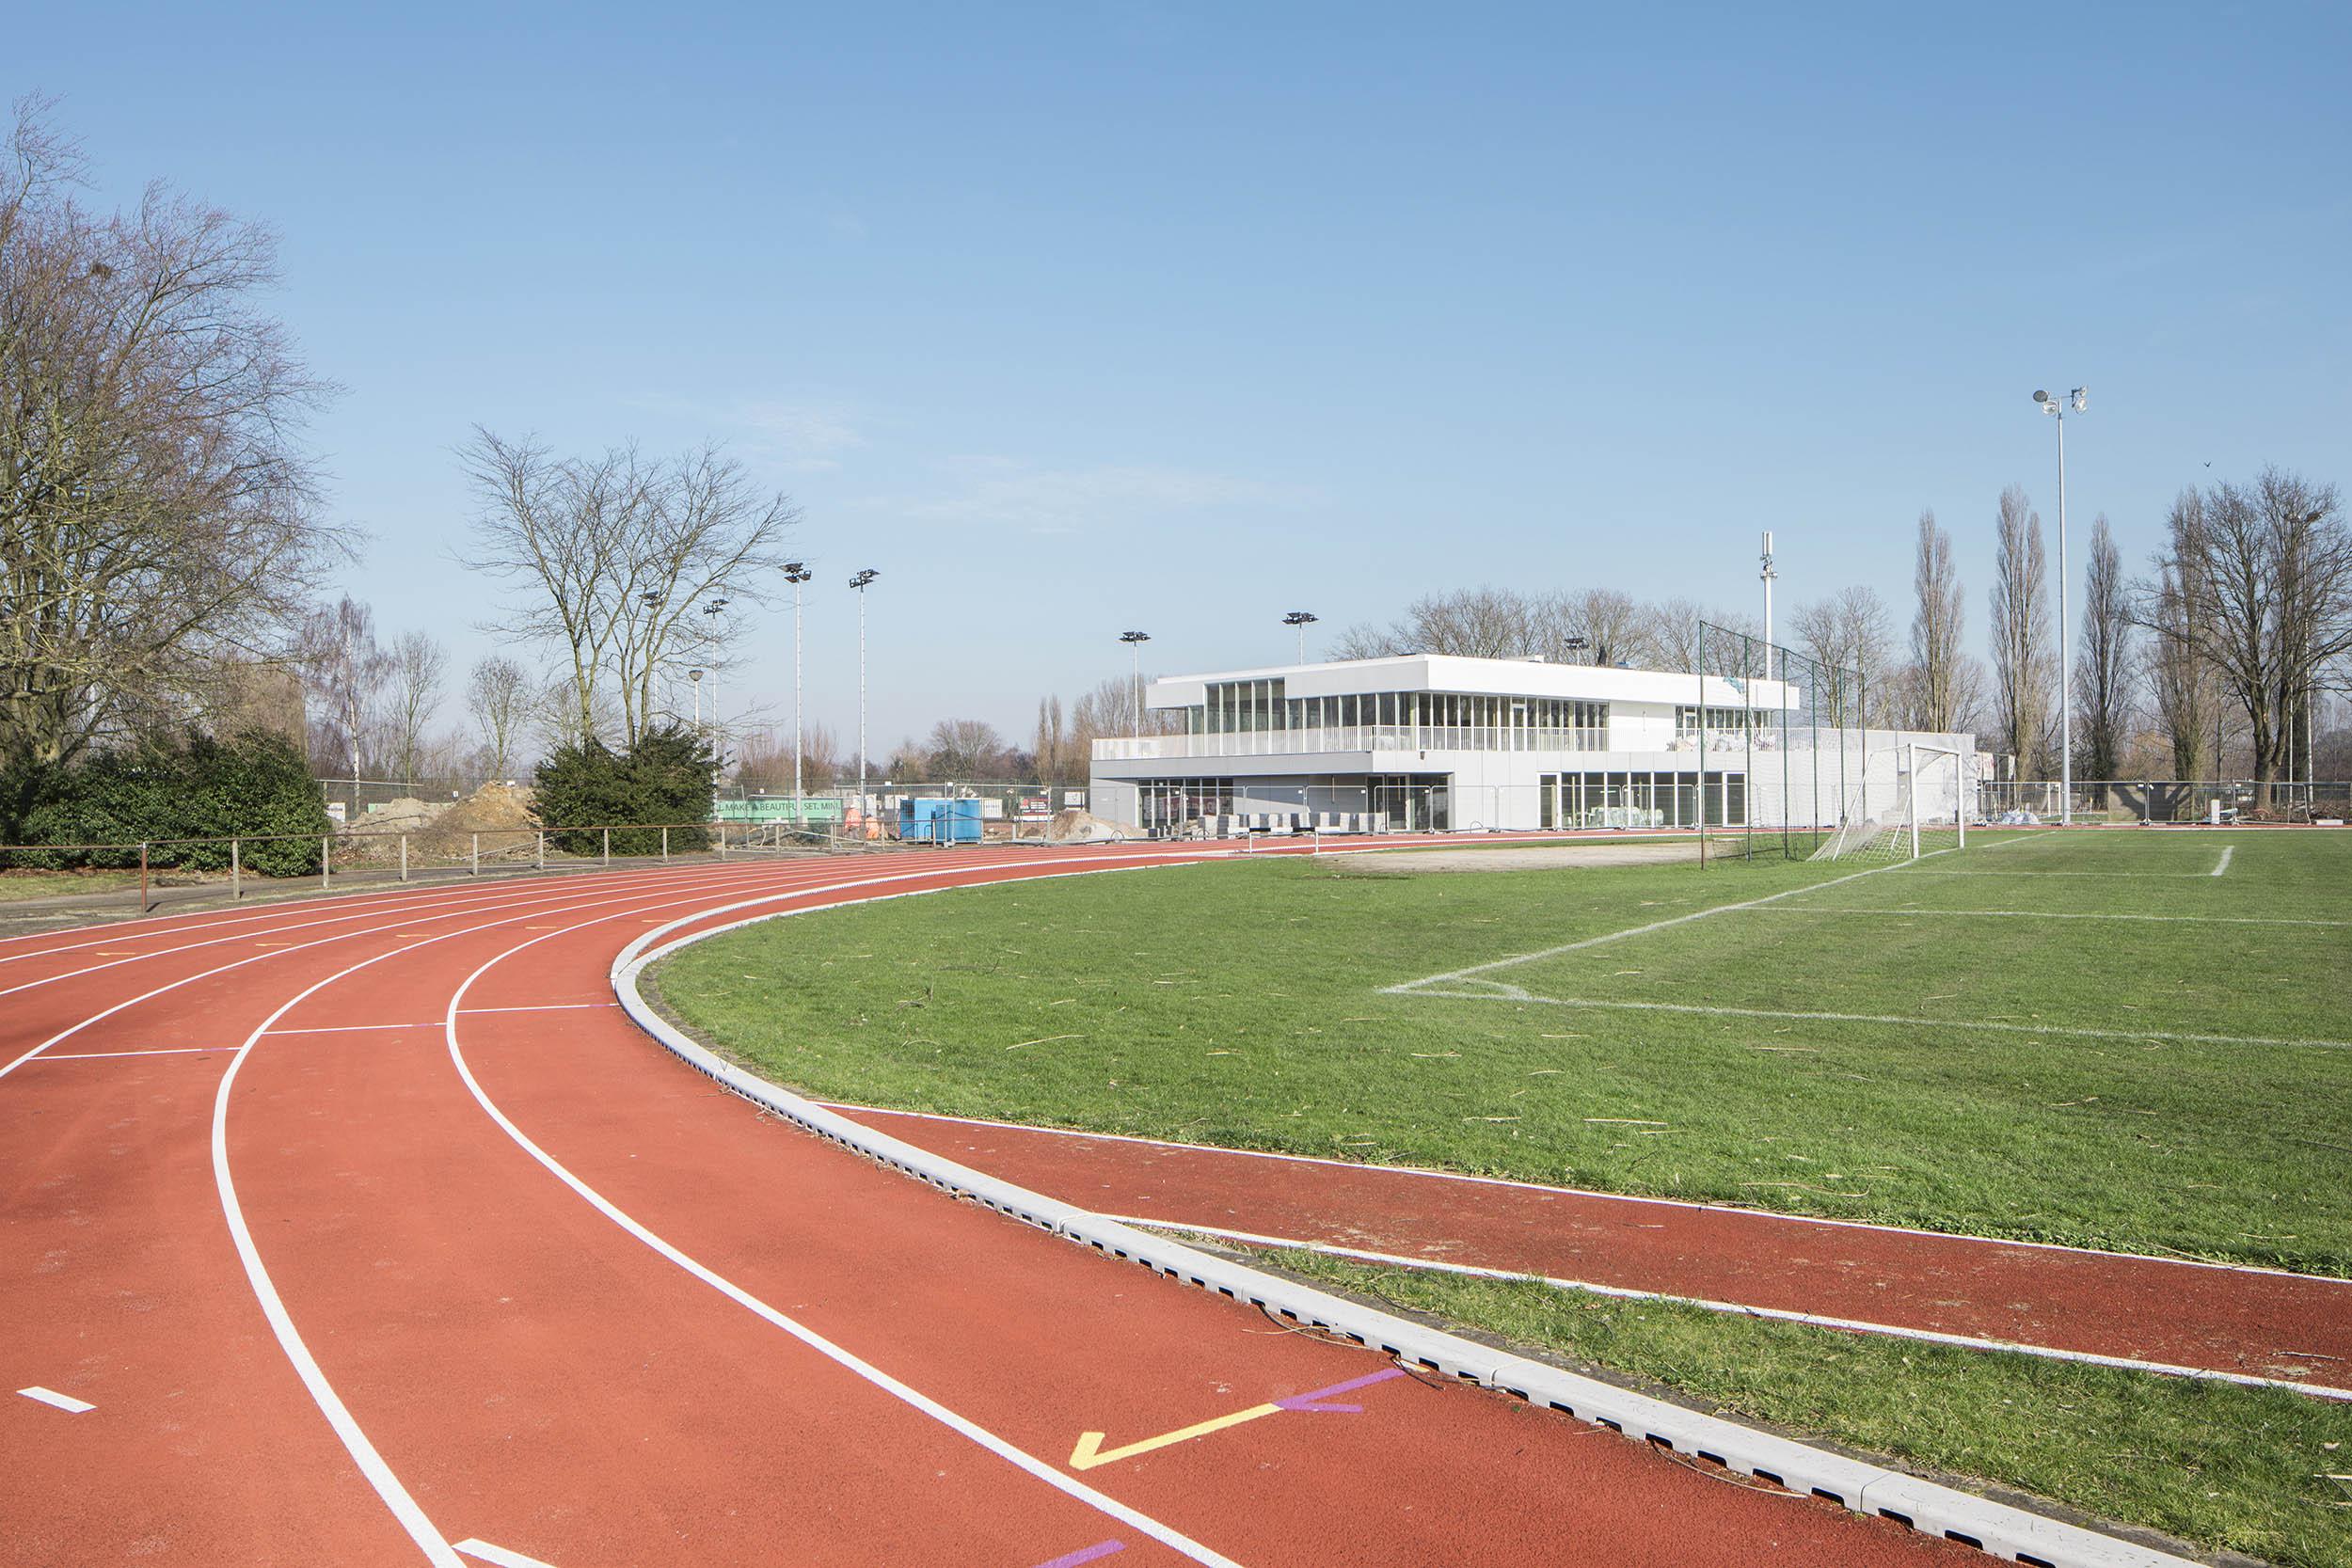 SvD_hvh_Aartselaar Sportcentrum-2.jpg